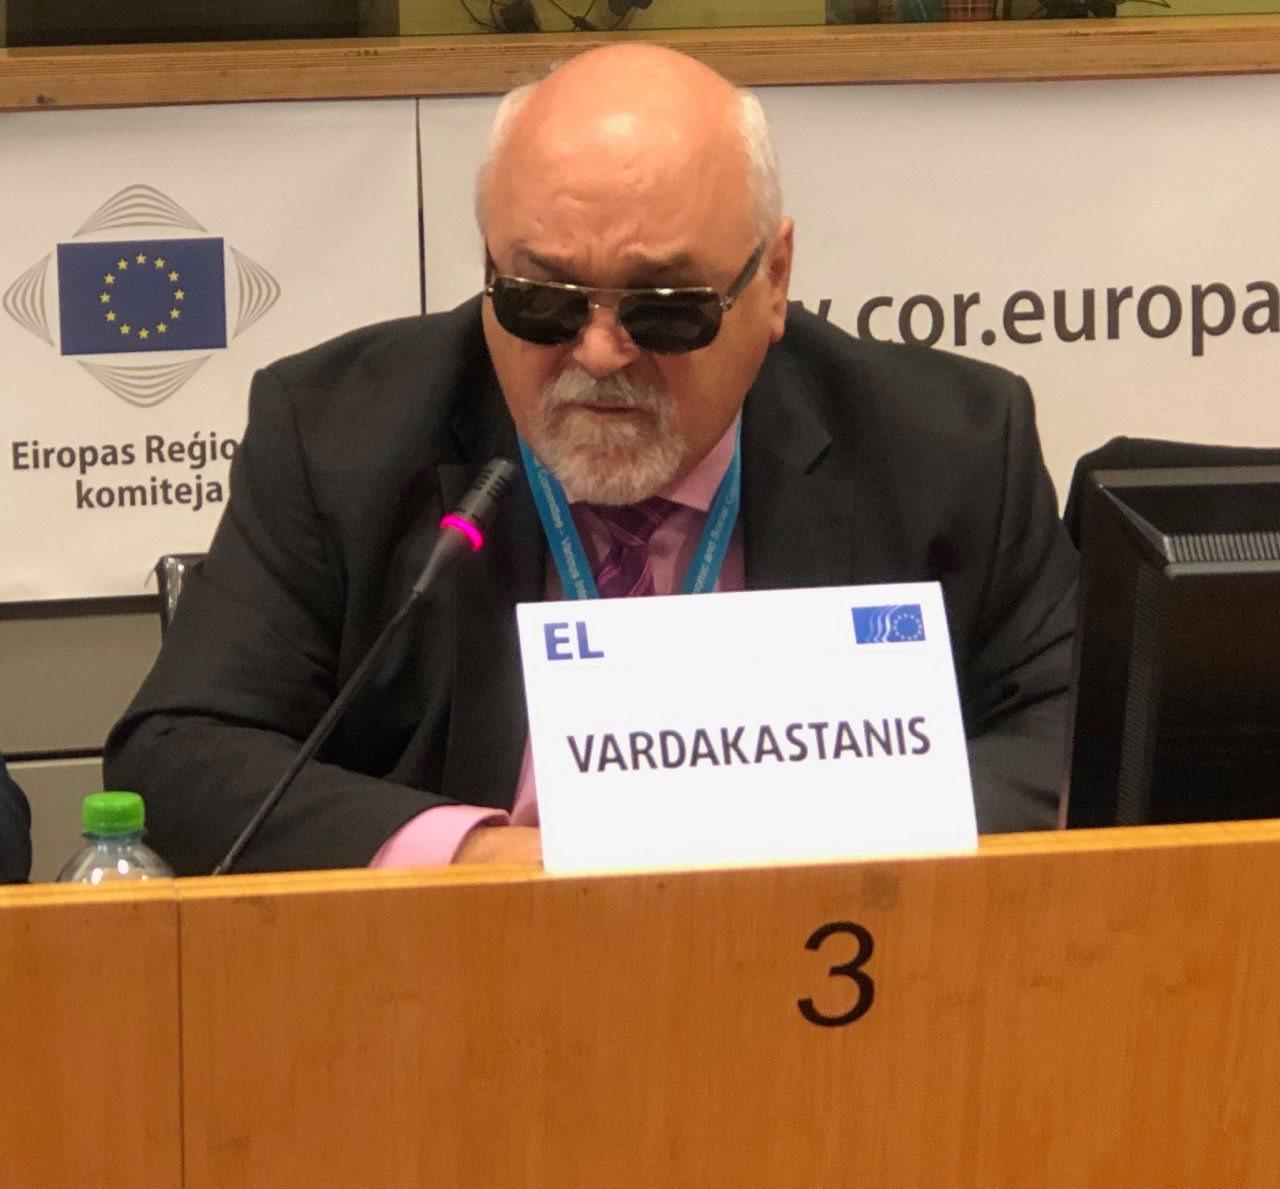 Ο Ι. Βαρδακαστάνης κατά τη διάρκεια της ομιλίας του